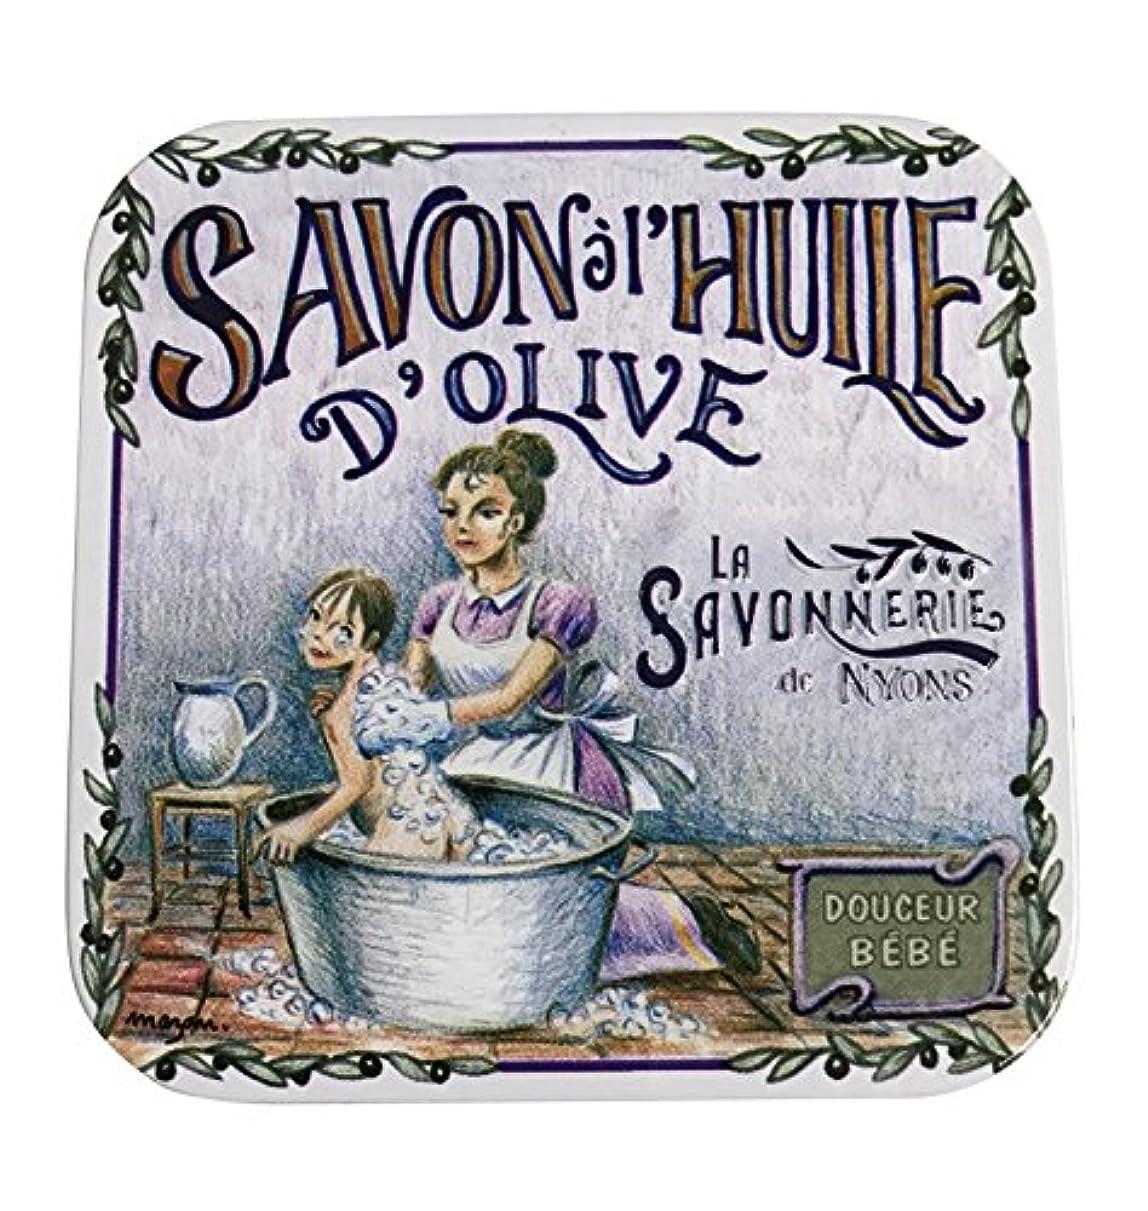 甲虫ひまわりマイクラ?サボネリー アンティーク缶入り石鹸 タイプ100 ハウスワイフ(ローズ)